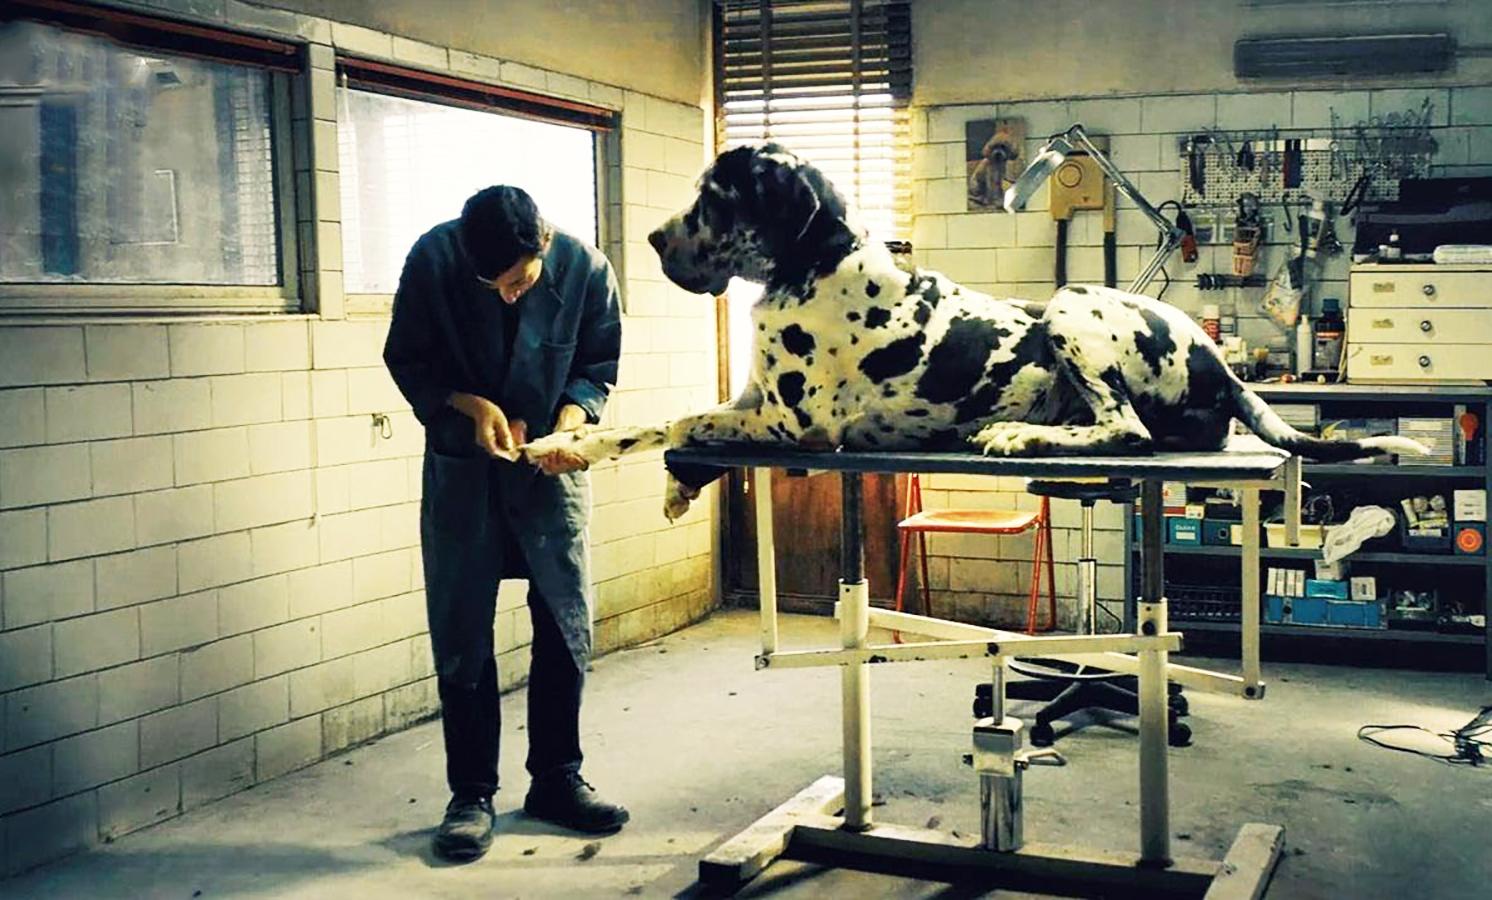 معرفی فیلم Dogman: تصویری هولناک از جنایت و زندگی در حومه رم